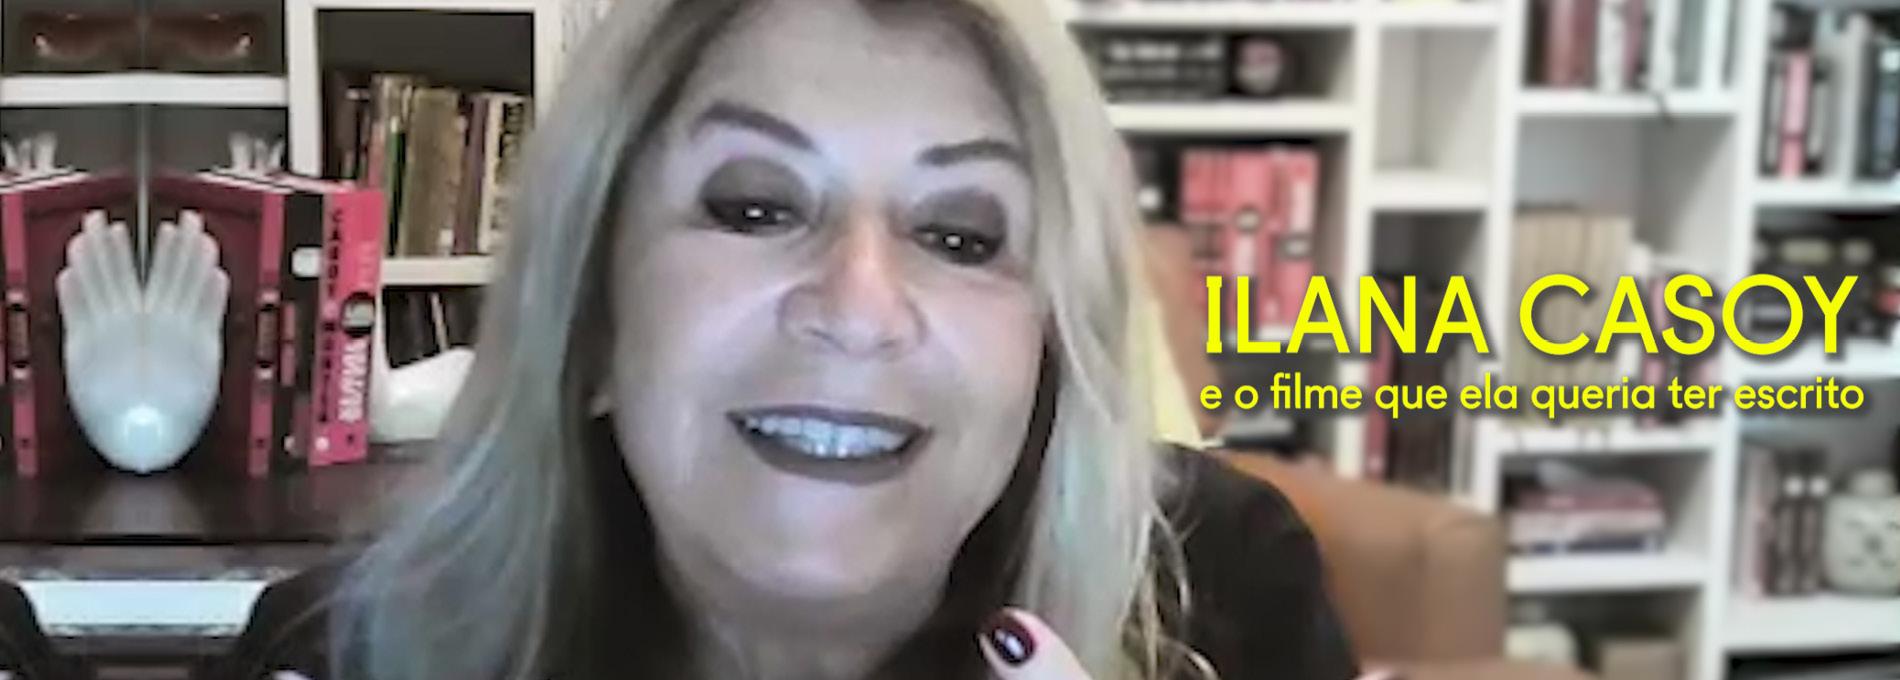 Spoiler #4: Ilana Casoy e o encontro marcado com a morte